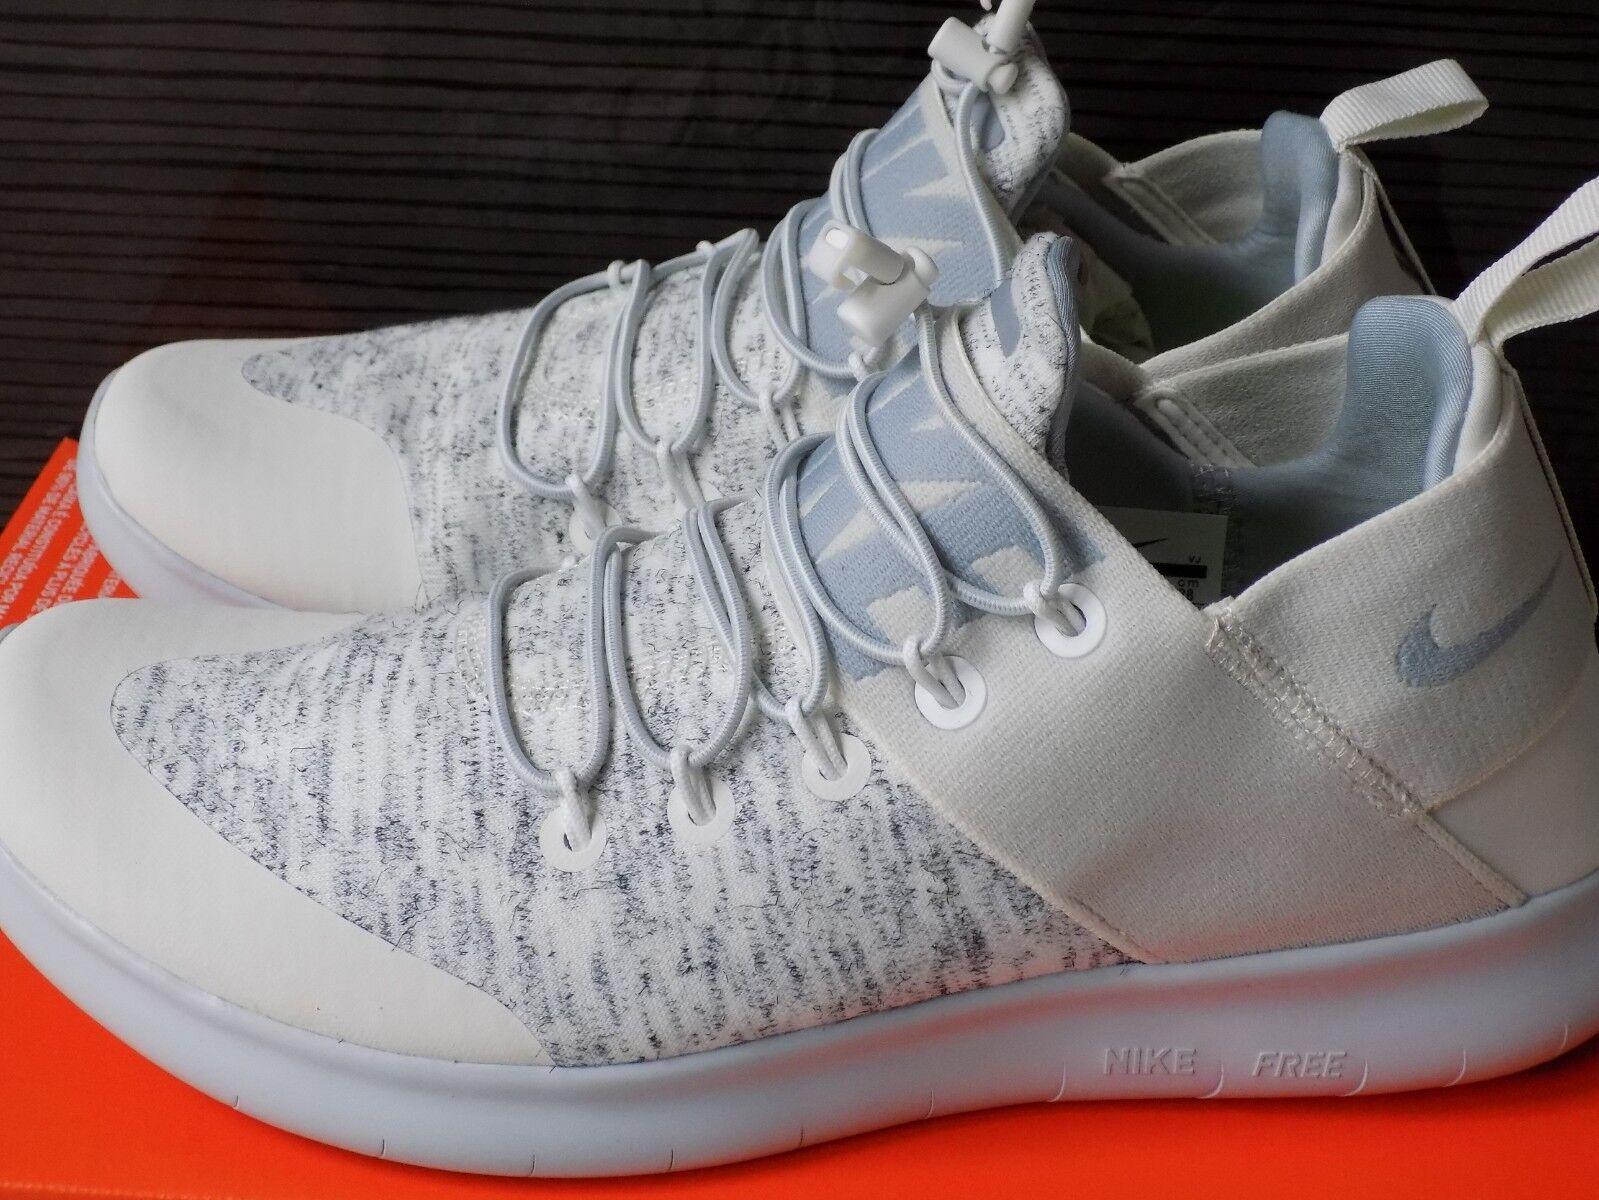 Damenschuhe Nike Free Run Commuter 2017 Prem, Sail Grau Schuhes Größe UK 8.5, Running Schuhes Grau 41eb7f